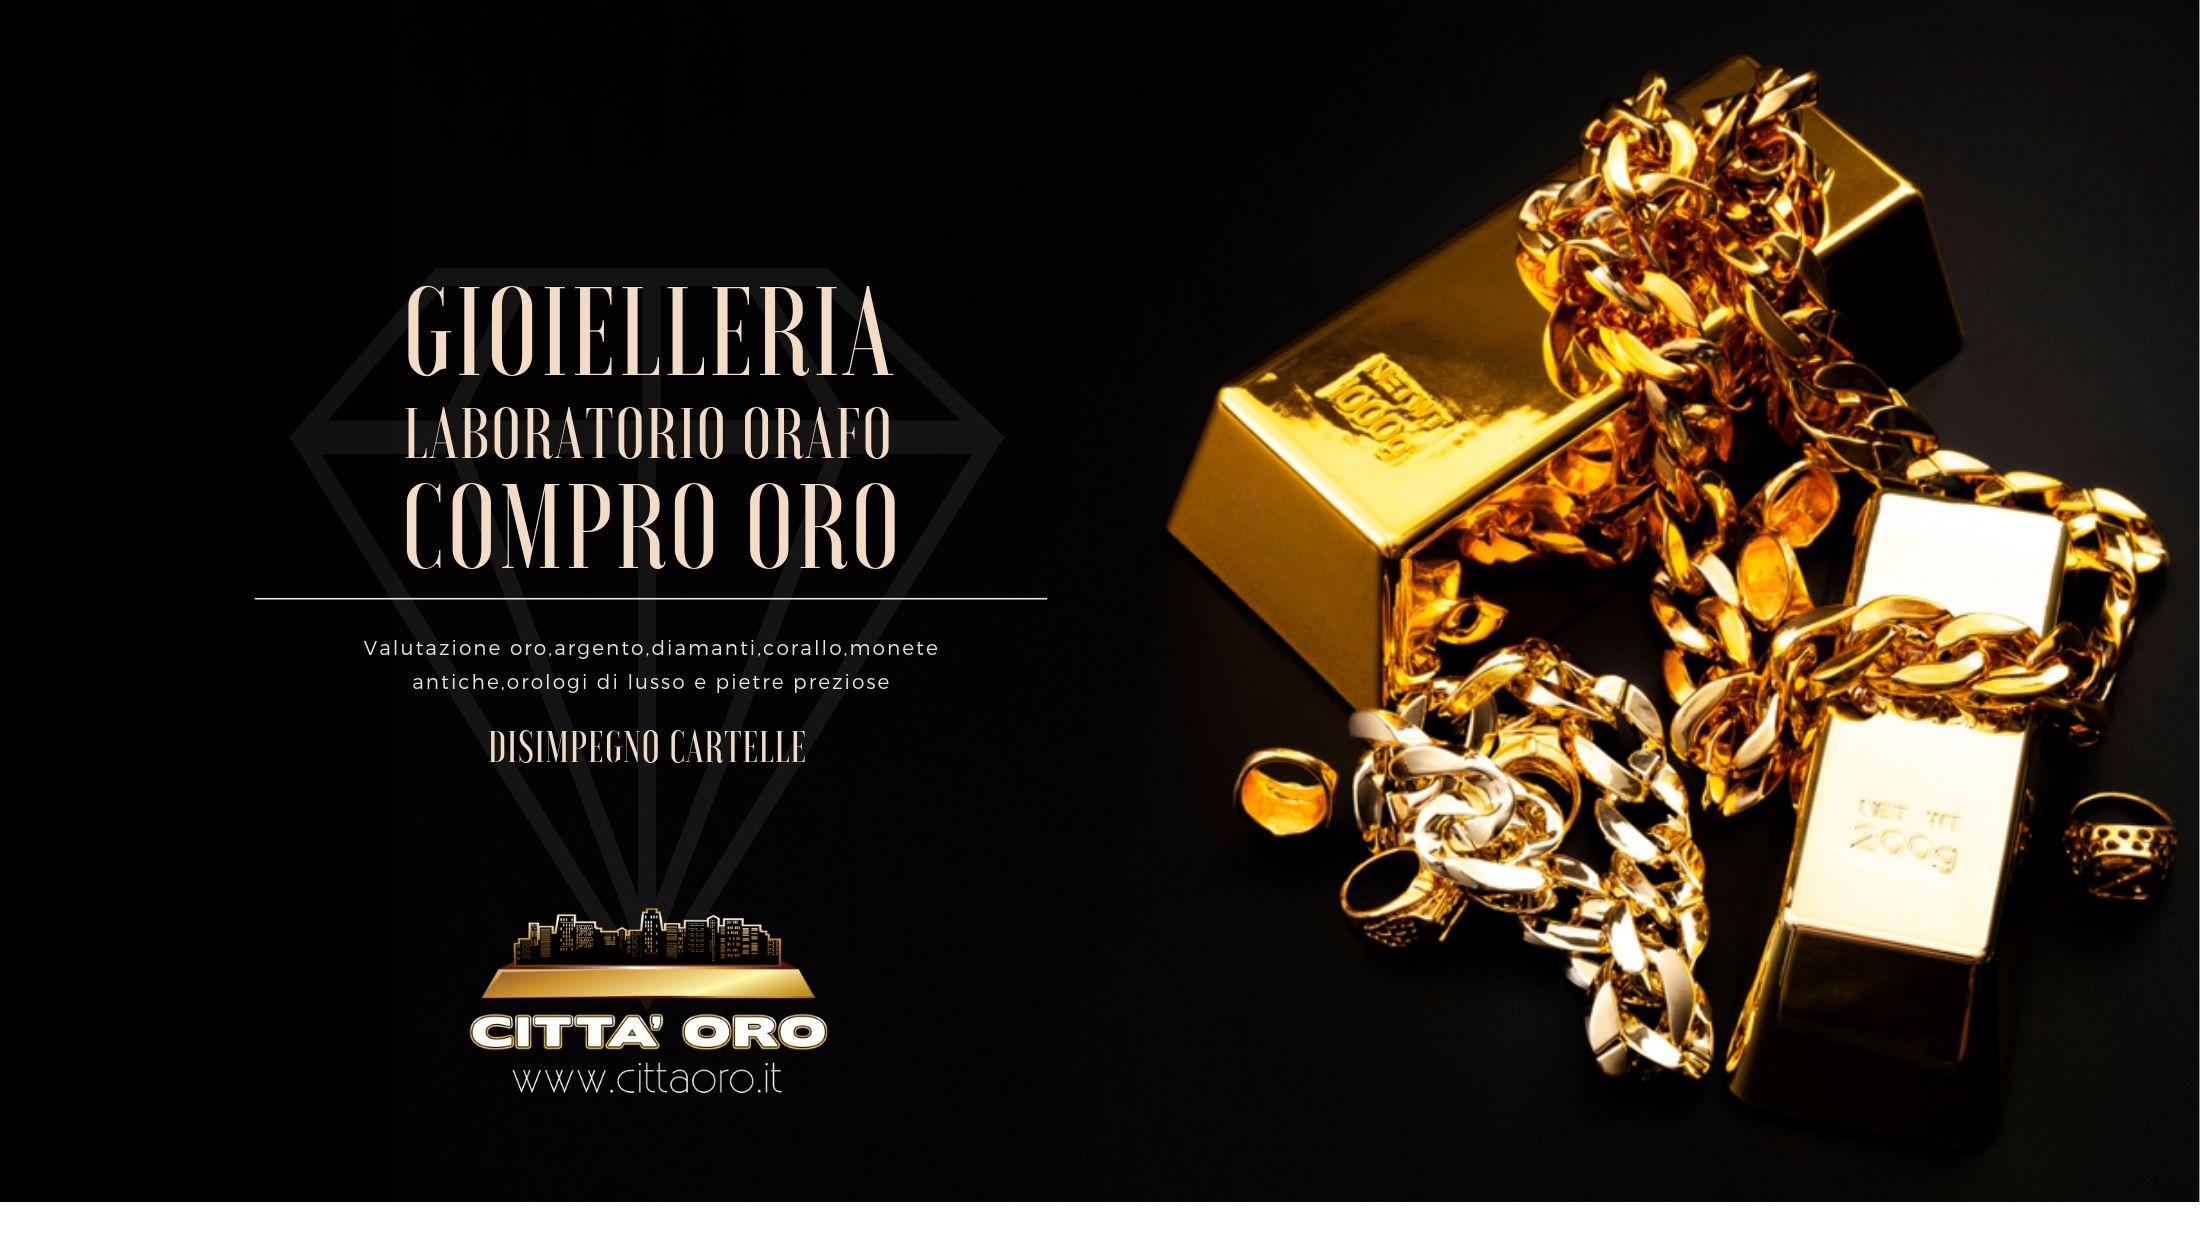 Compro oro,argento,diamanti,corallo,orologi di lusso. Città Oro Gioielleria, Compro Oro a Pompei (Napoli)